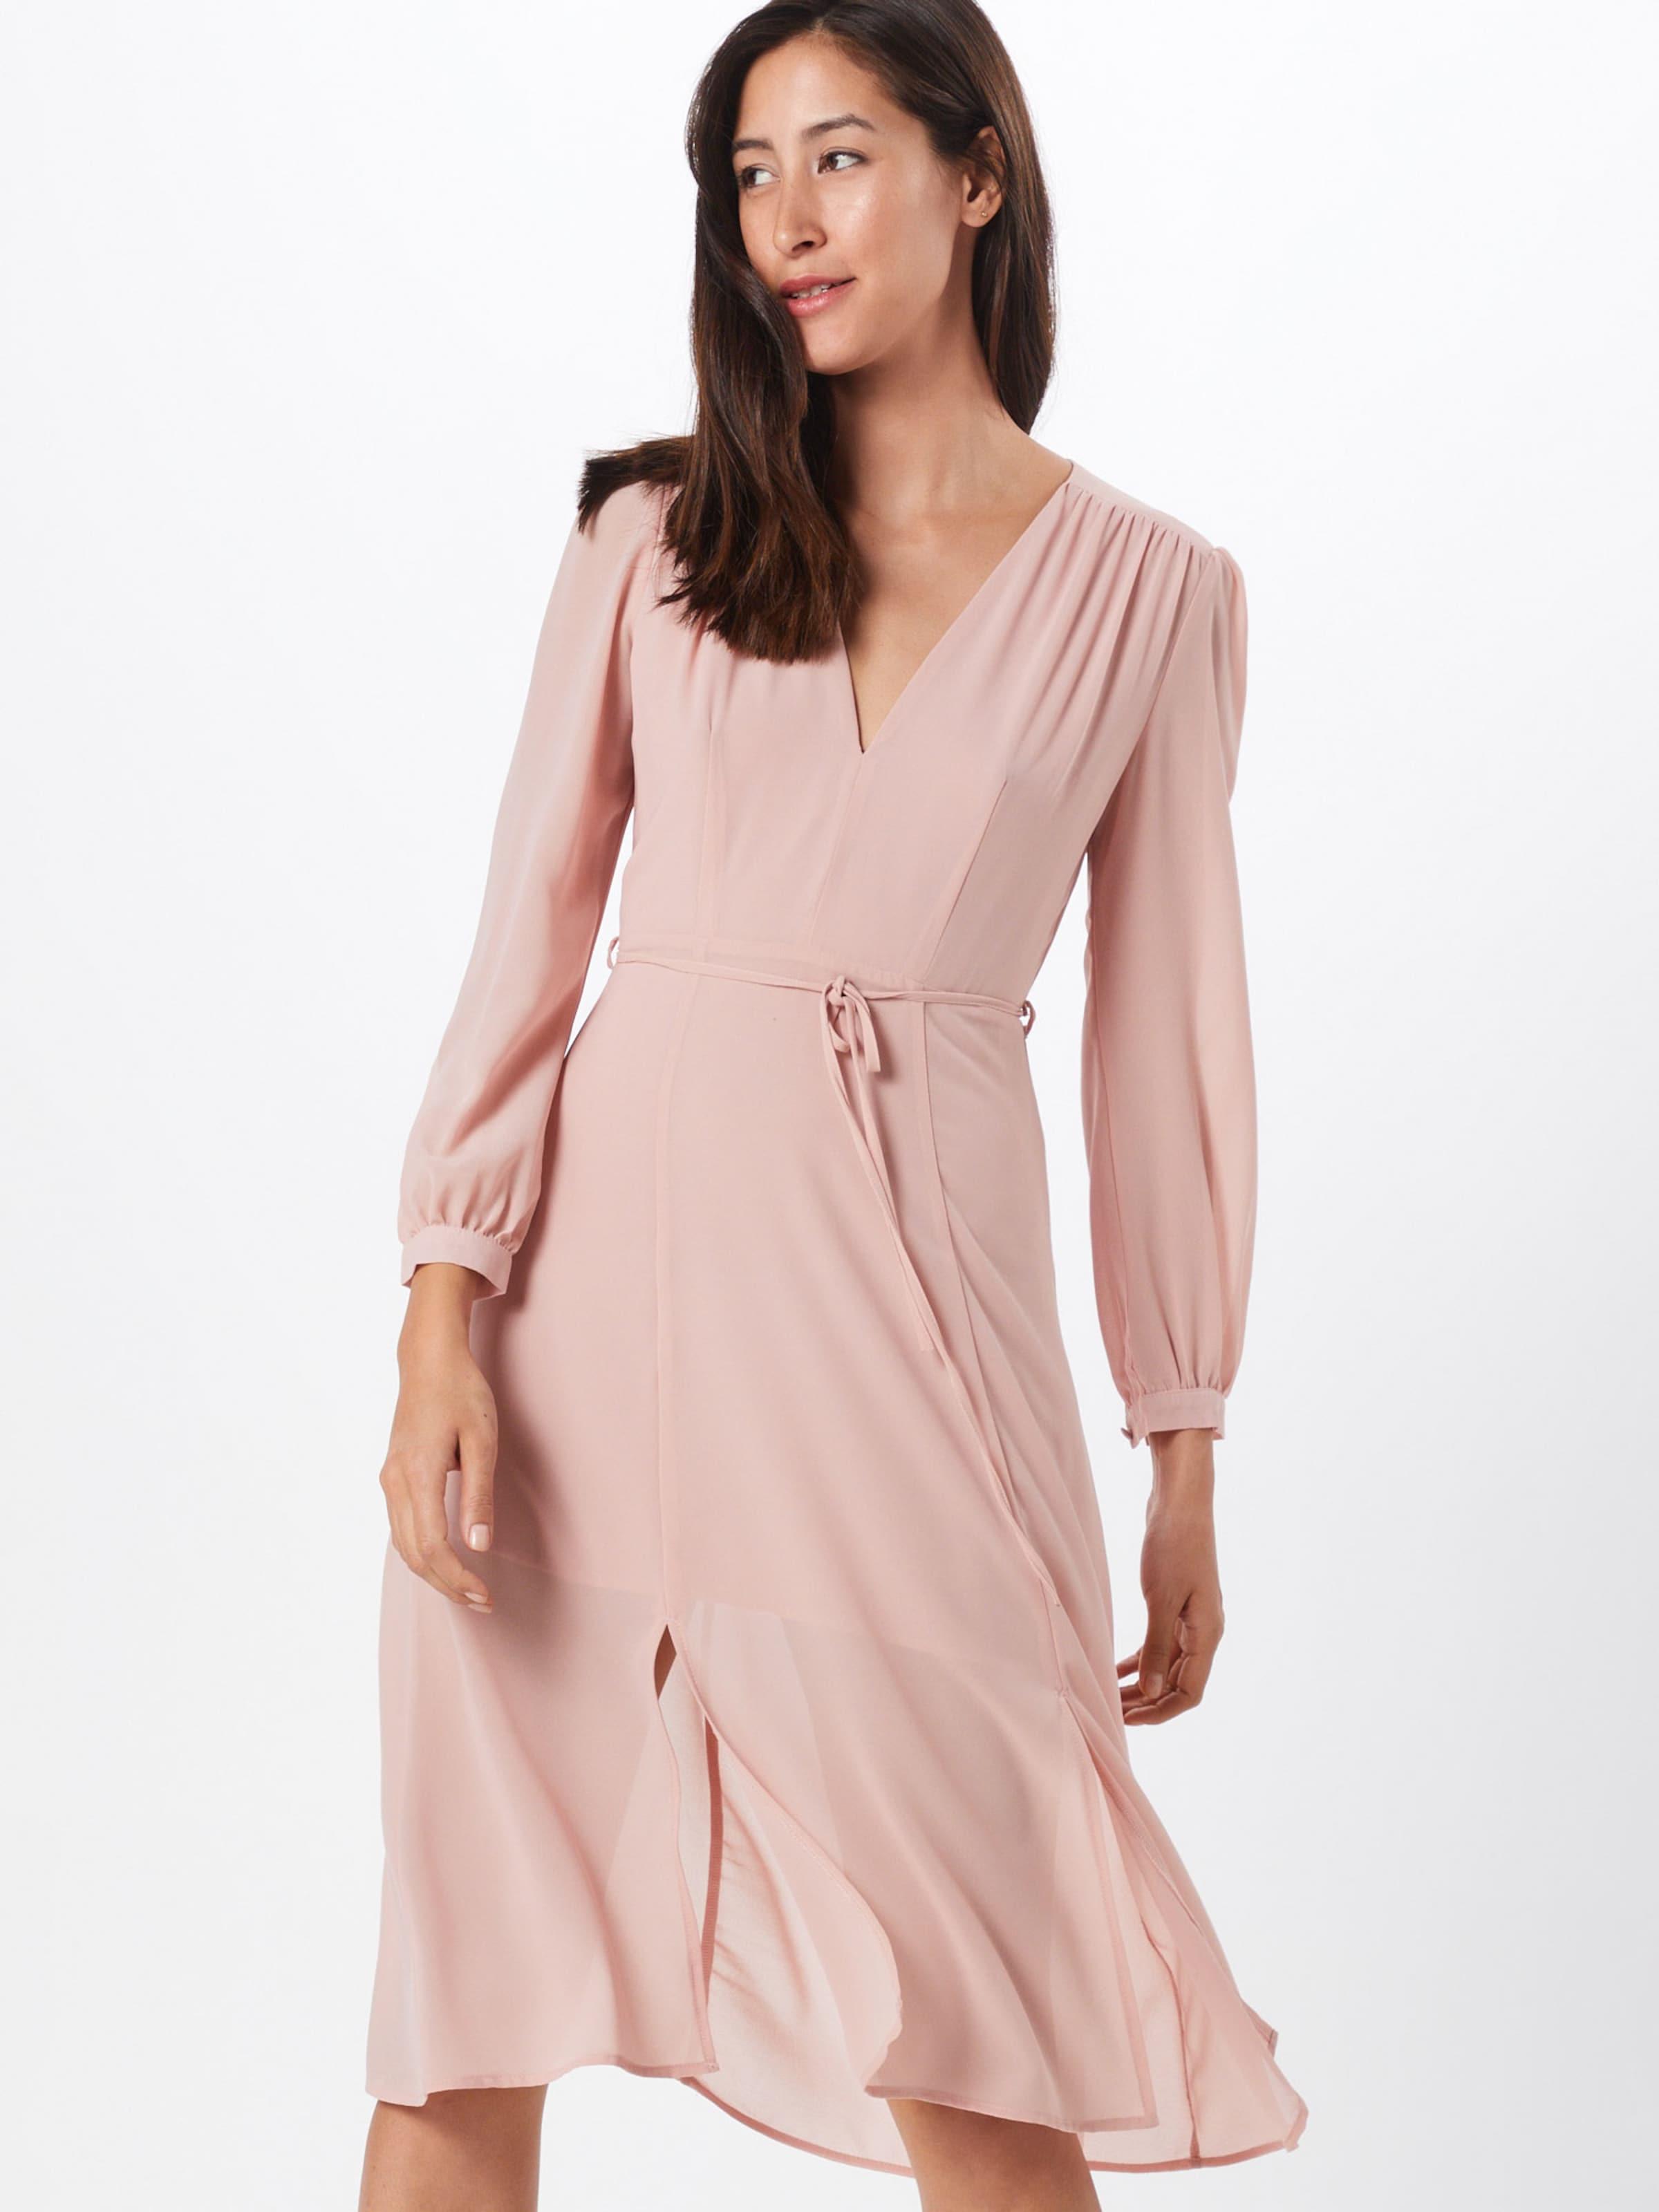 In Rosa Glamorous Rosa 'hp0515' In Kleid 'hp0515' 'hp0515' Glamorous Kleid Kleid Glamorous trdhQs